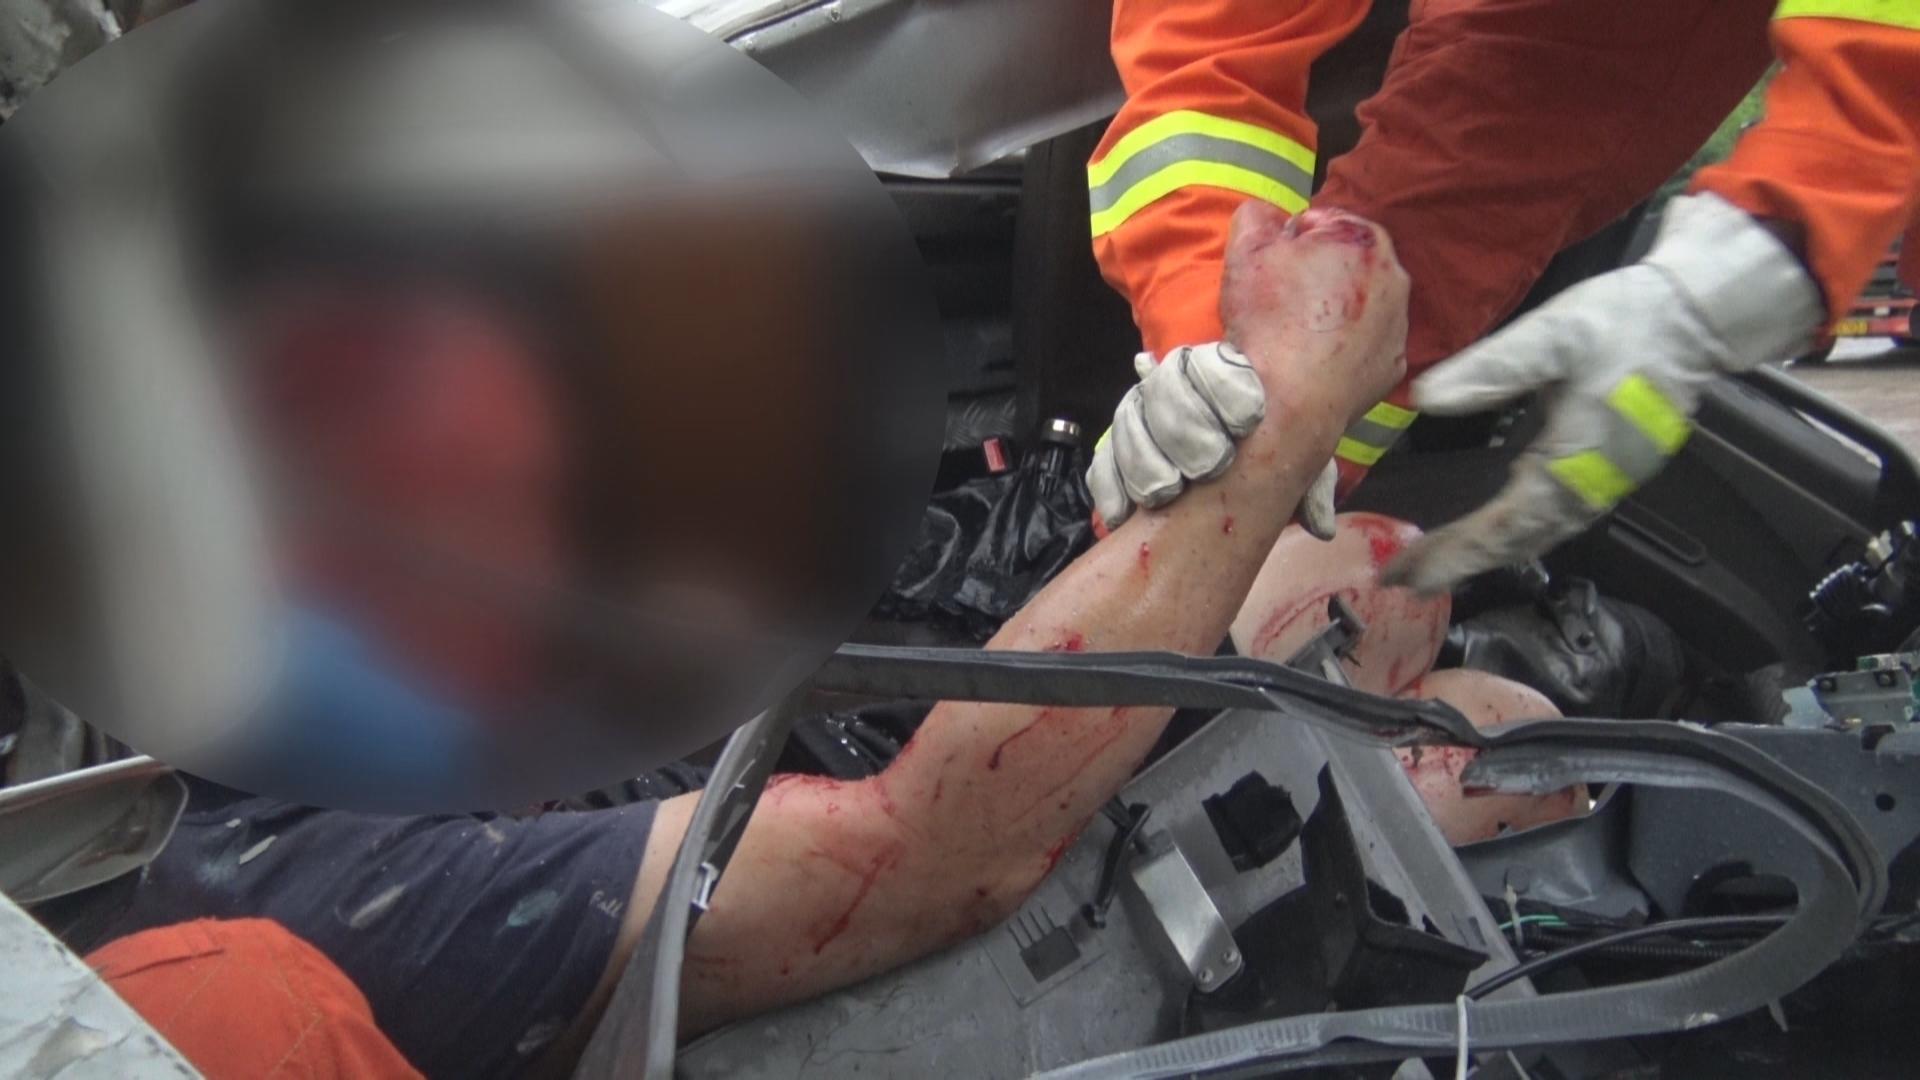 雨天路滑刹车不及时酿车祸  2人被困  消防紧急救援